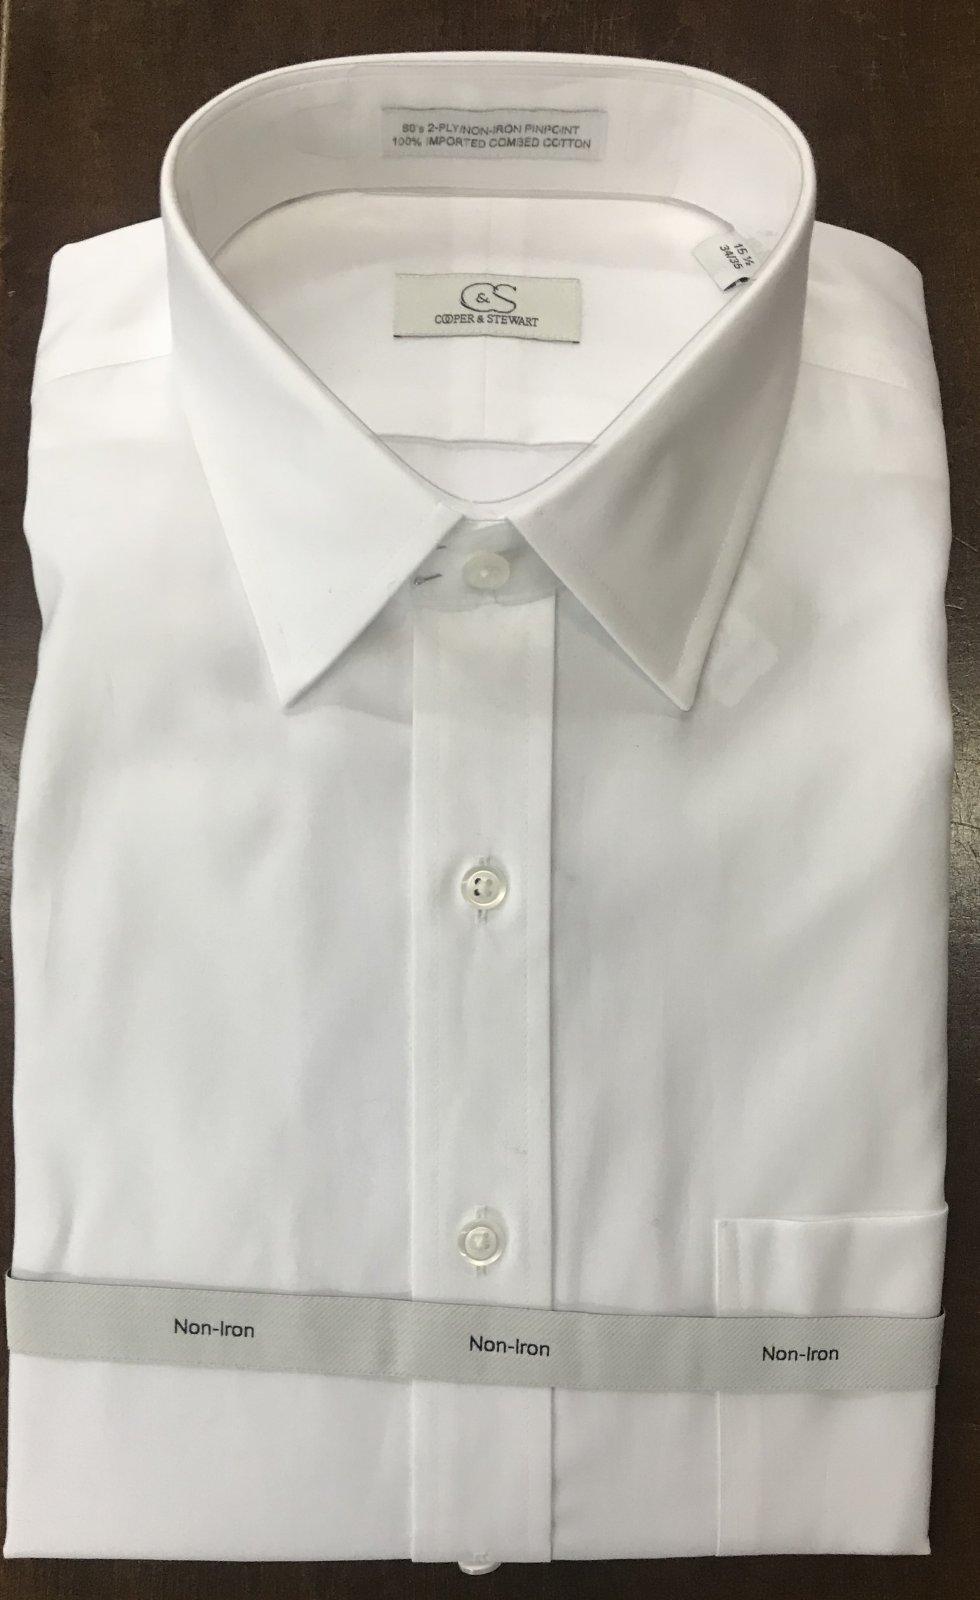 Cooper & Stewart LS Dress Shirt 21-1080